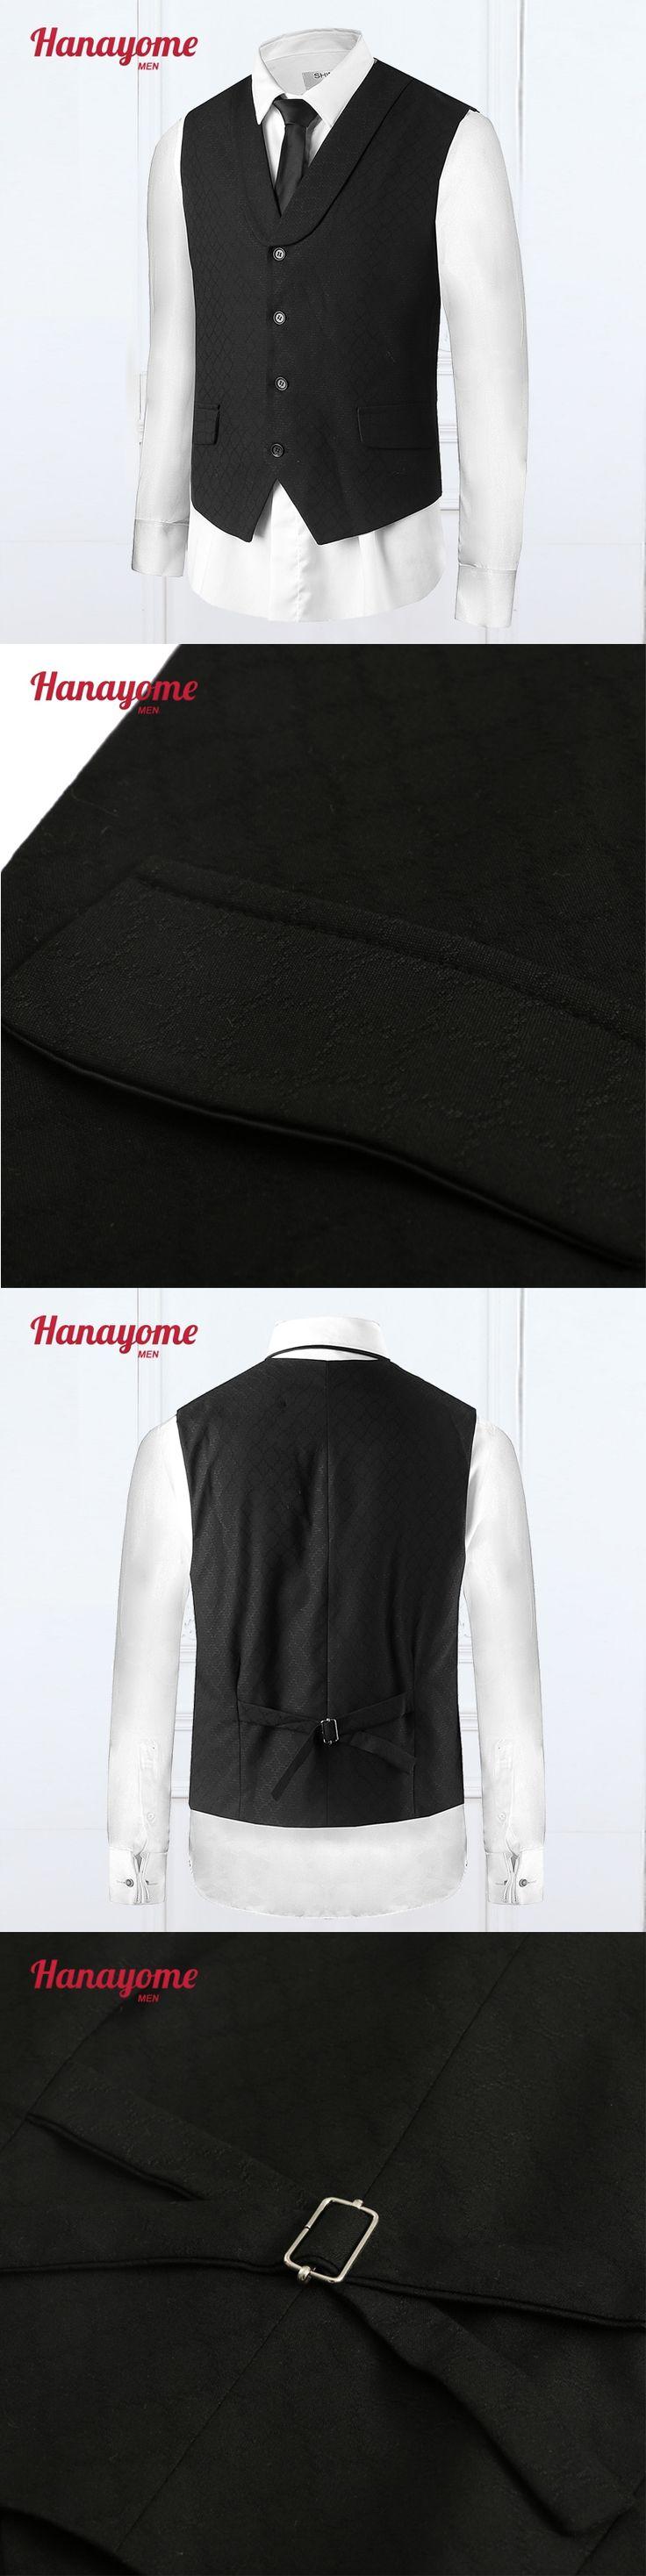 Trajes Para Hombre Men's Formal Suit Coat Pants For Man Tuxedo For Men Black Vests Tuxedo Mens Mandarin Suits Slim Fit 2016 VS34